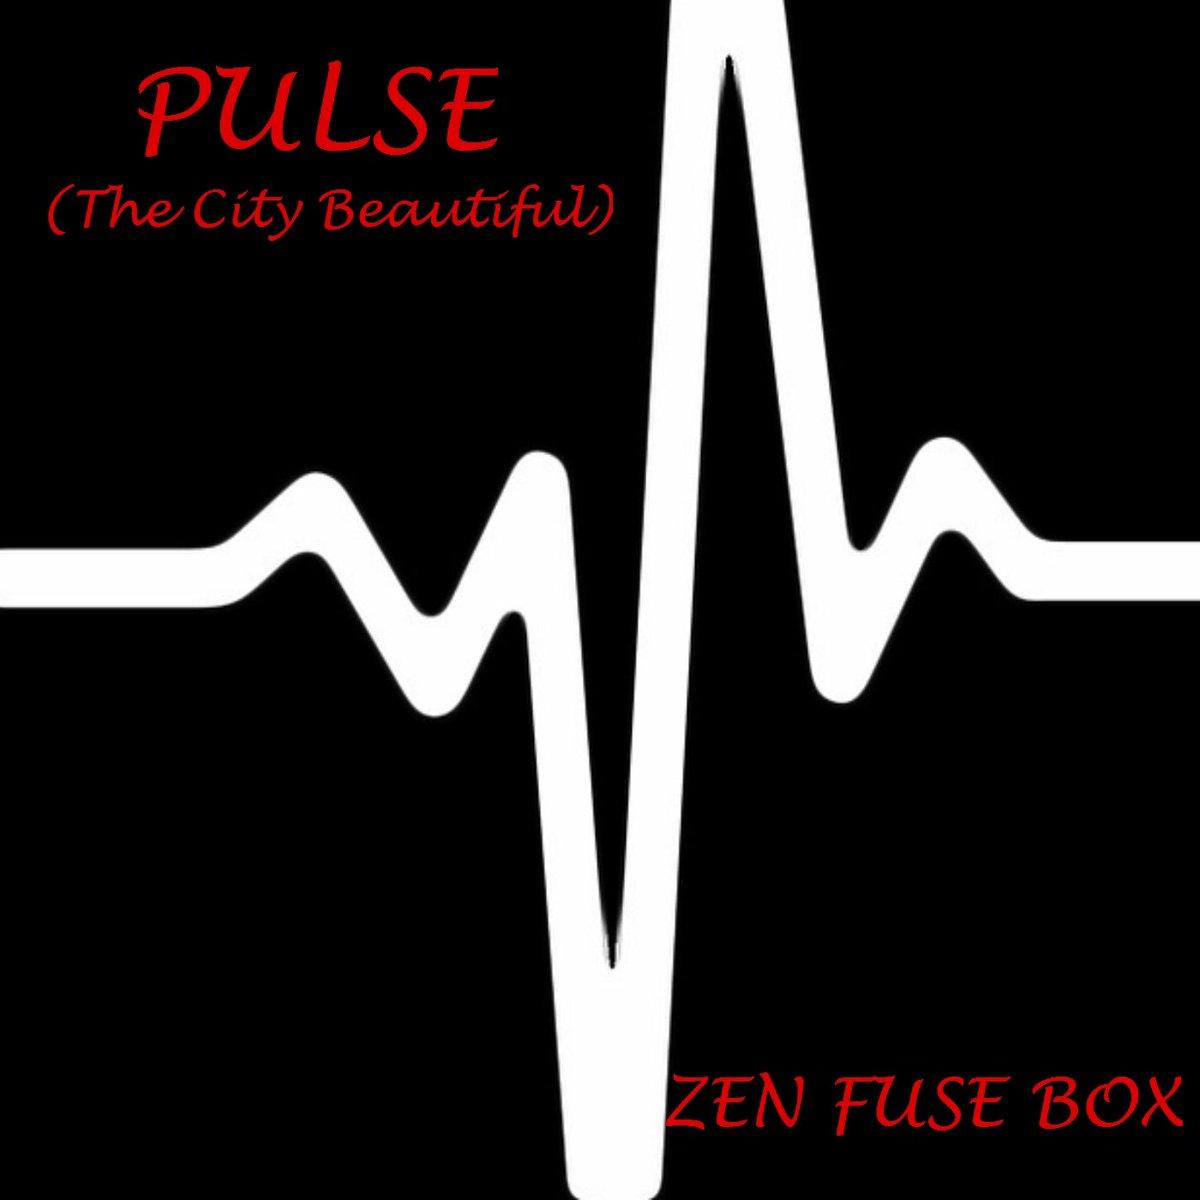 Fuse Box Oakland Twitter : Zen fuse box zenfusebox twitter